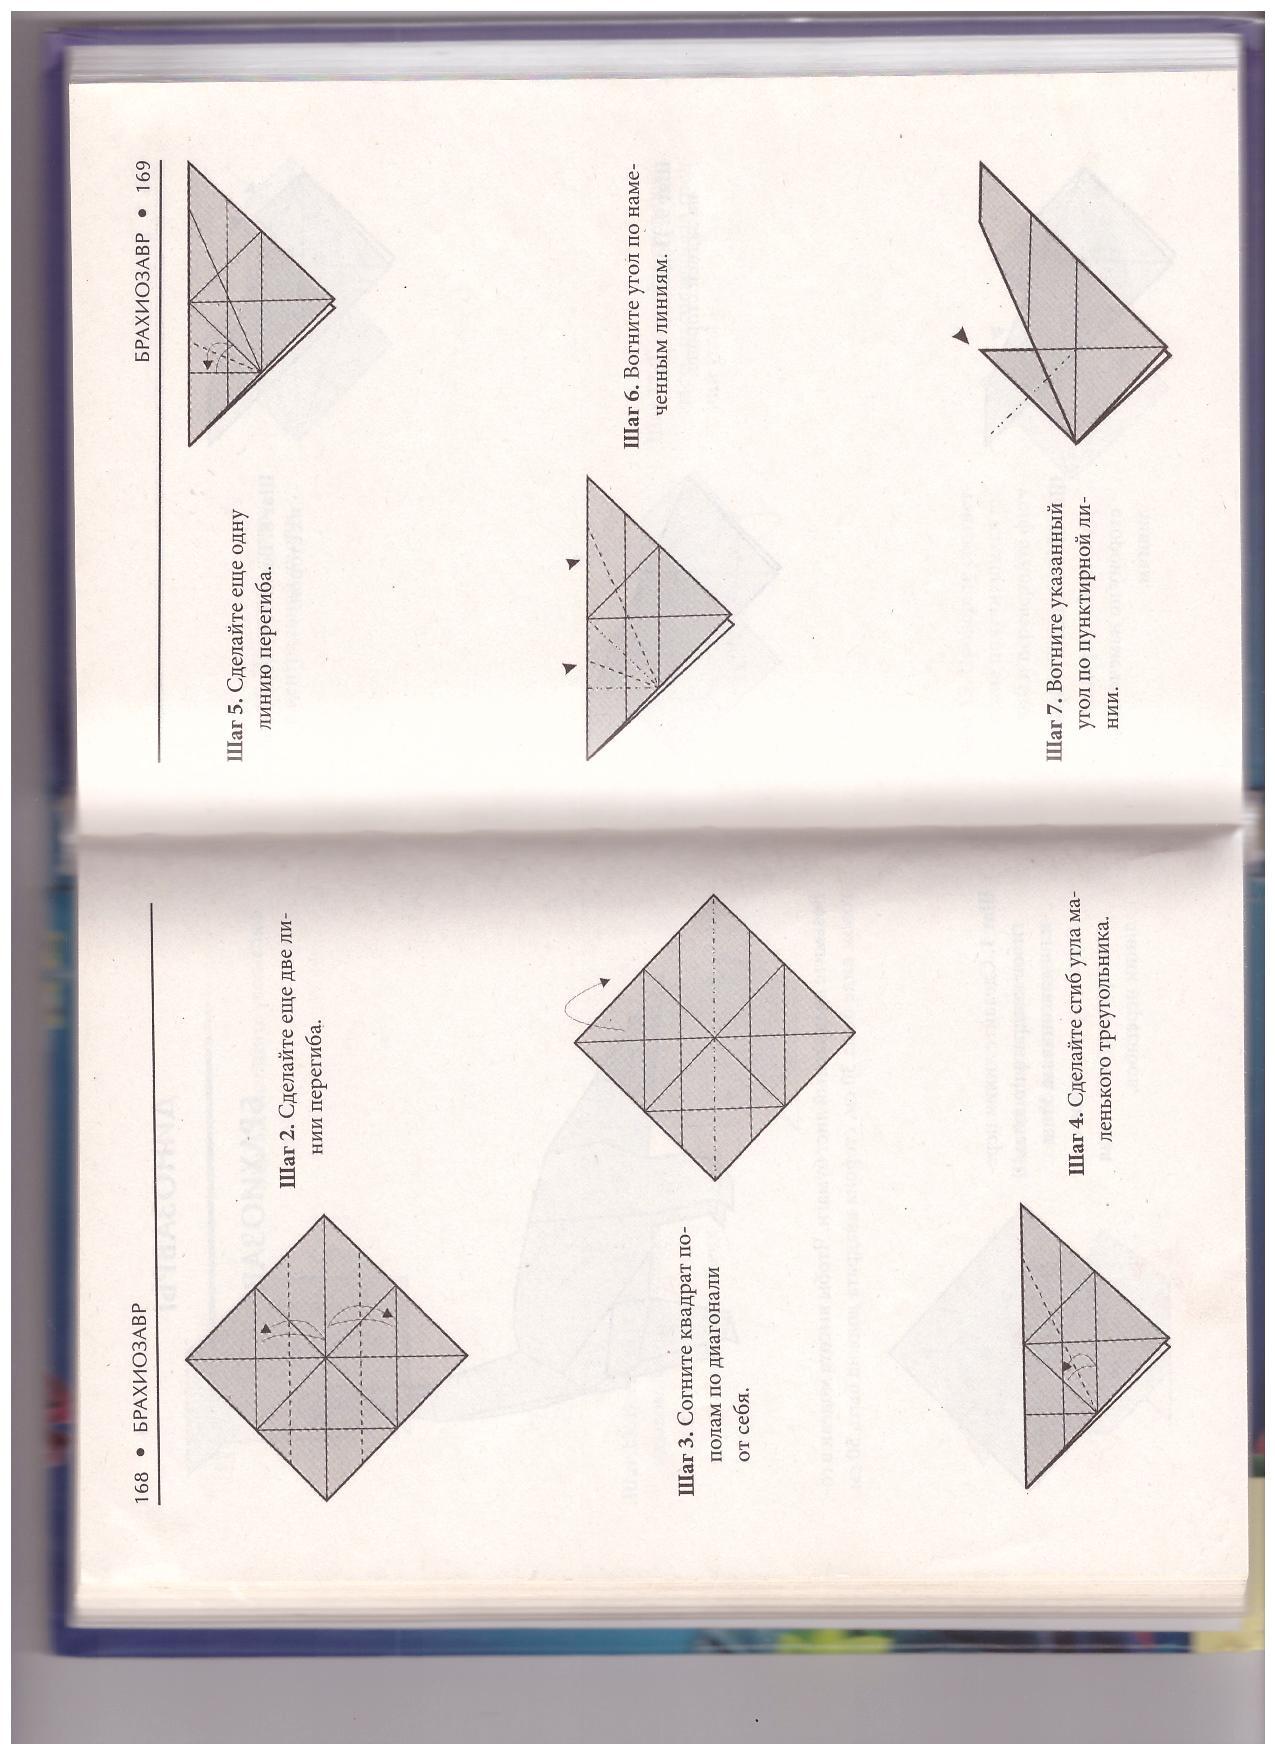 D:\Users\Туяна Сергеевна\Desktop\ЖТС\оригами динозавры\оригами динозавры 001.jpg